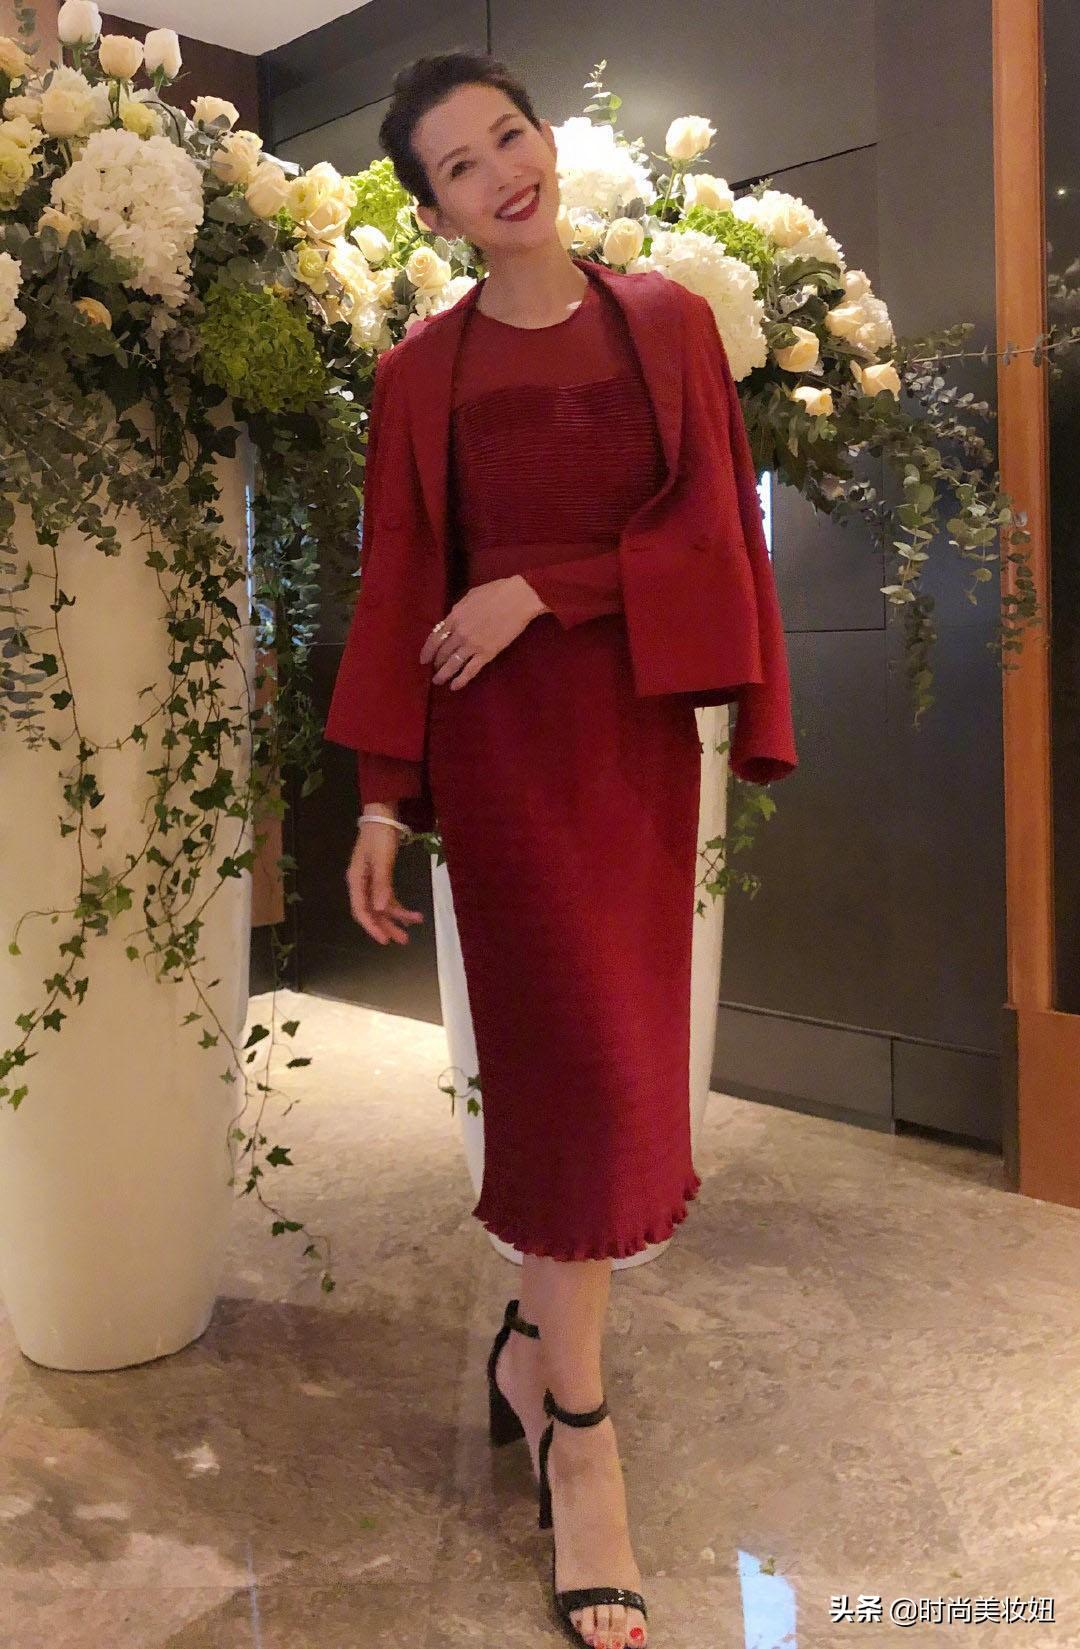 蔡少芬终于不低调,穿酒红色西装梳大背头秒变女总裁,气场真强大